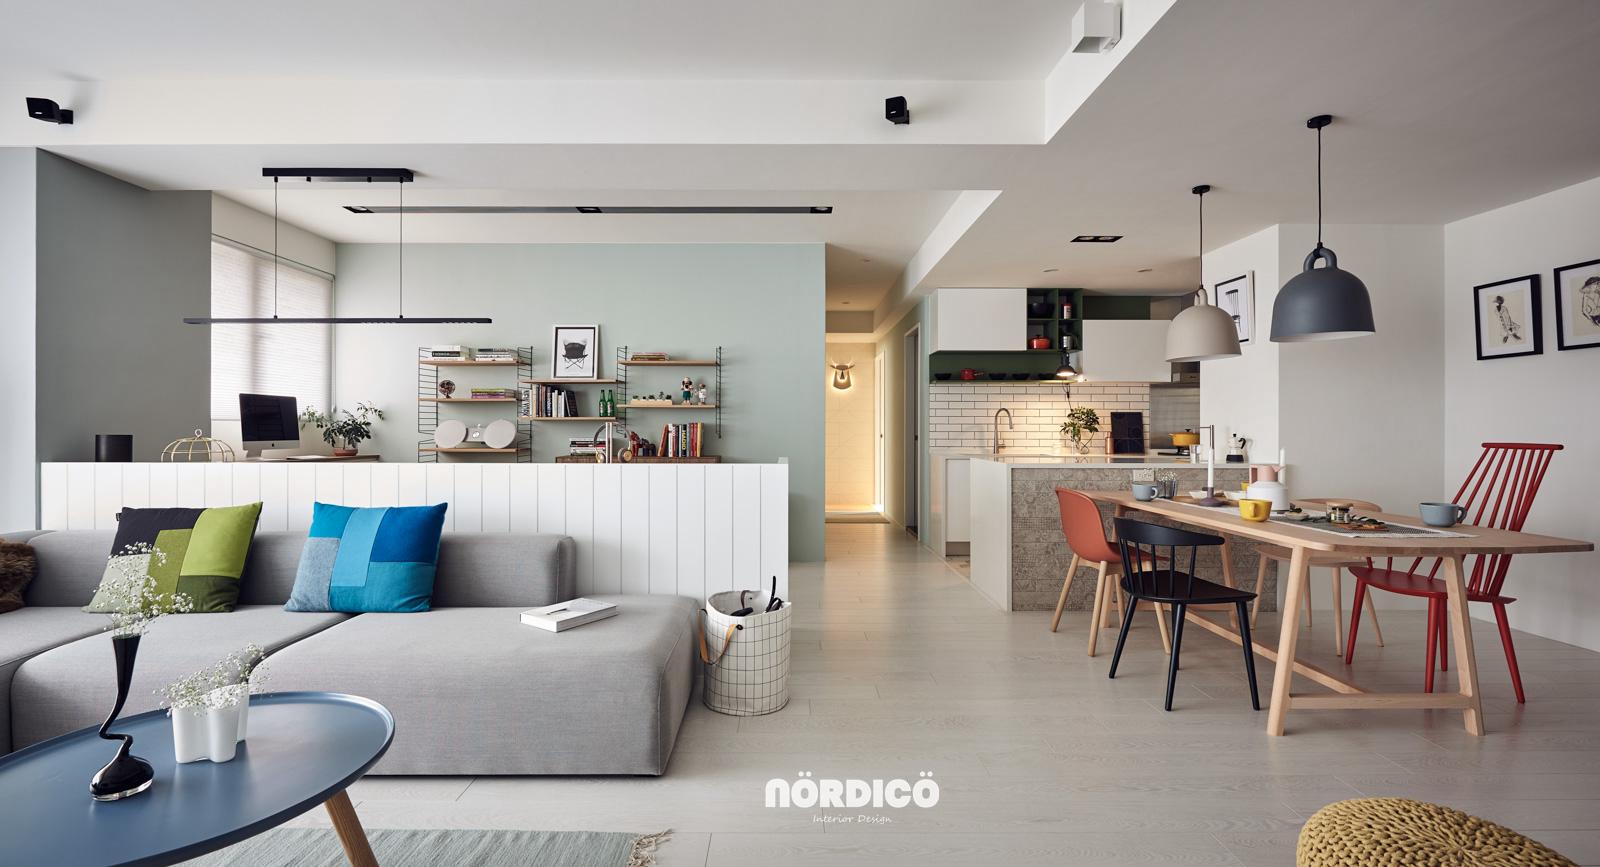 现代简约风格的旧房整体翻新后的效果